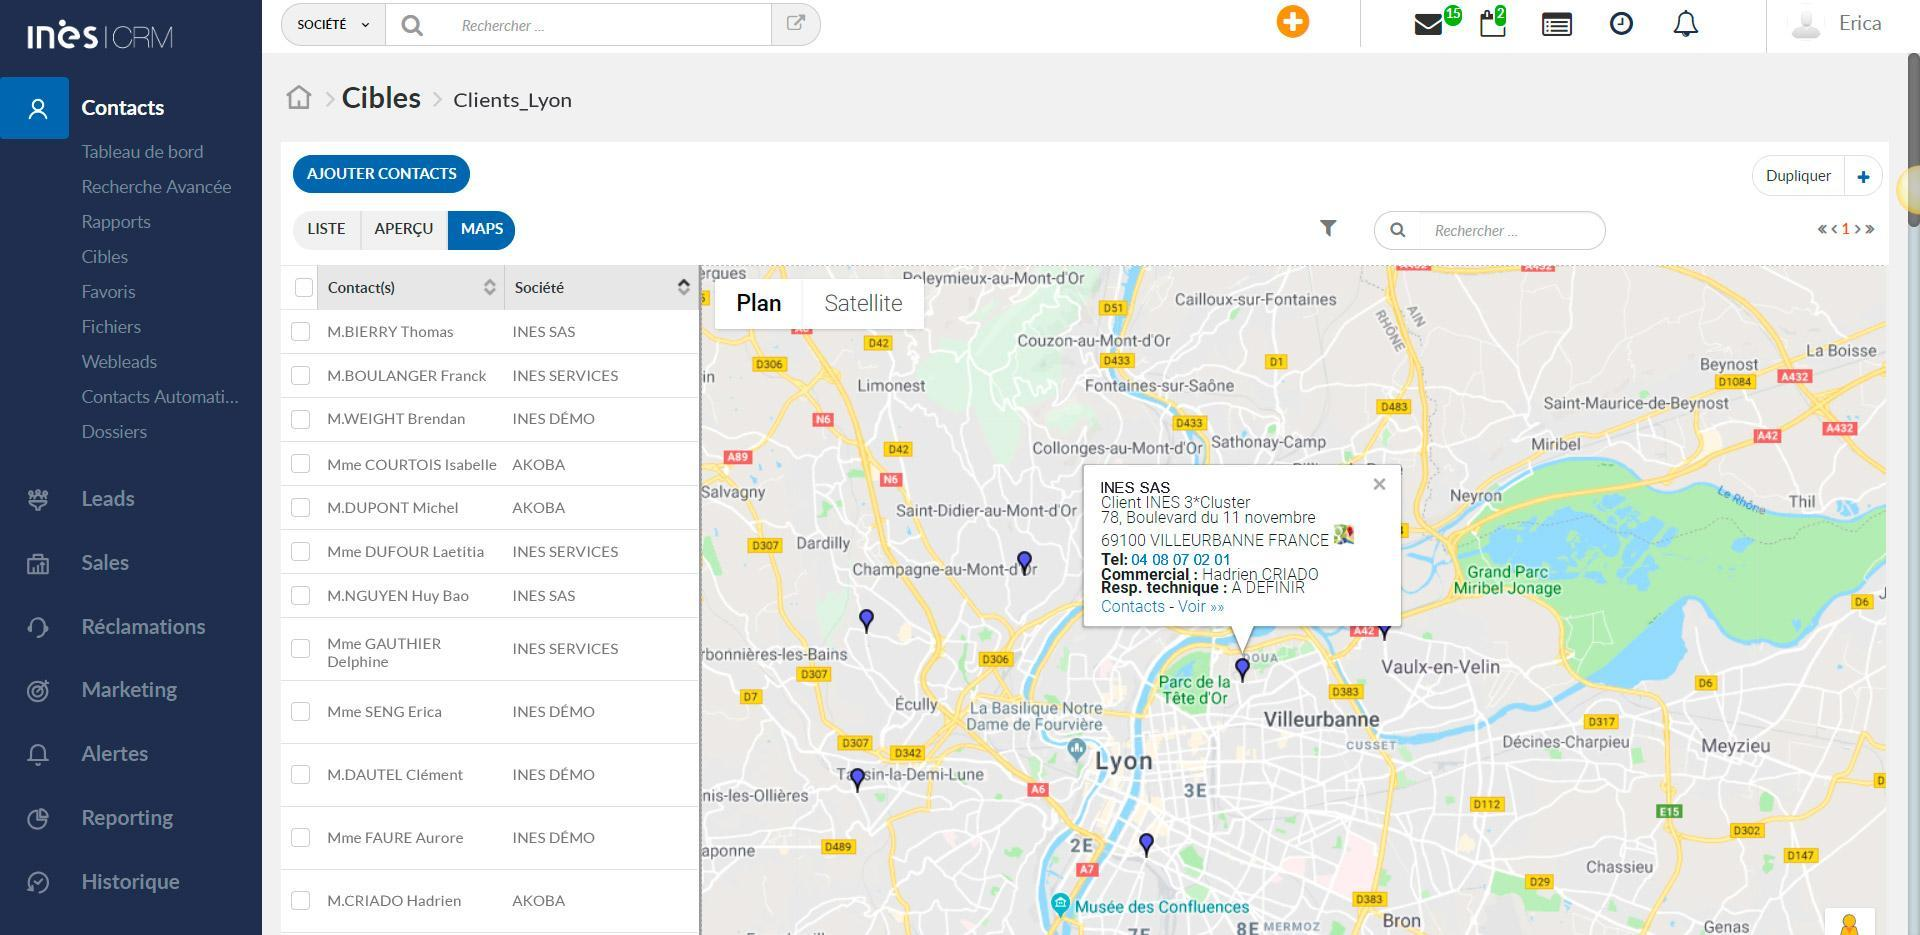 Geolocalización de clientes y competencia